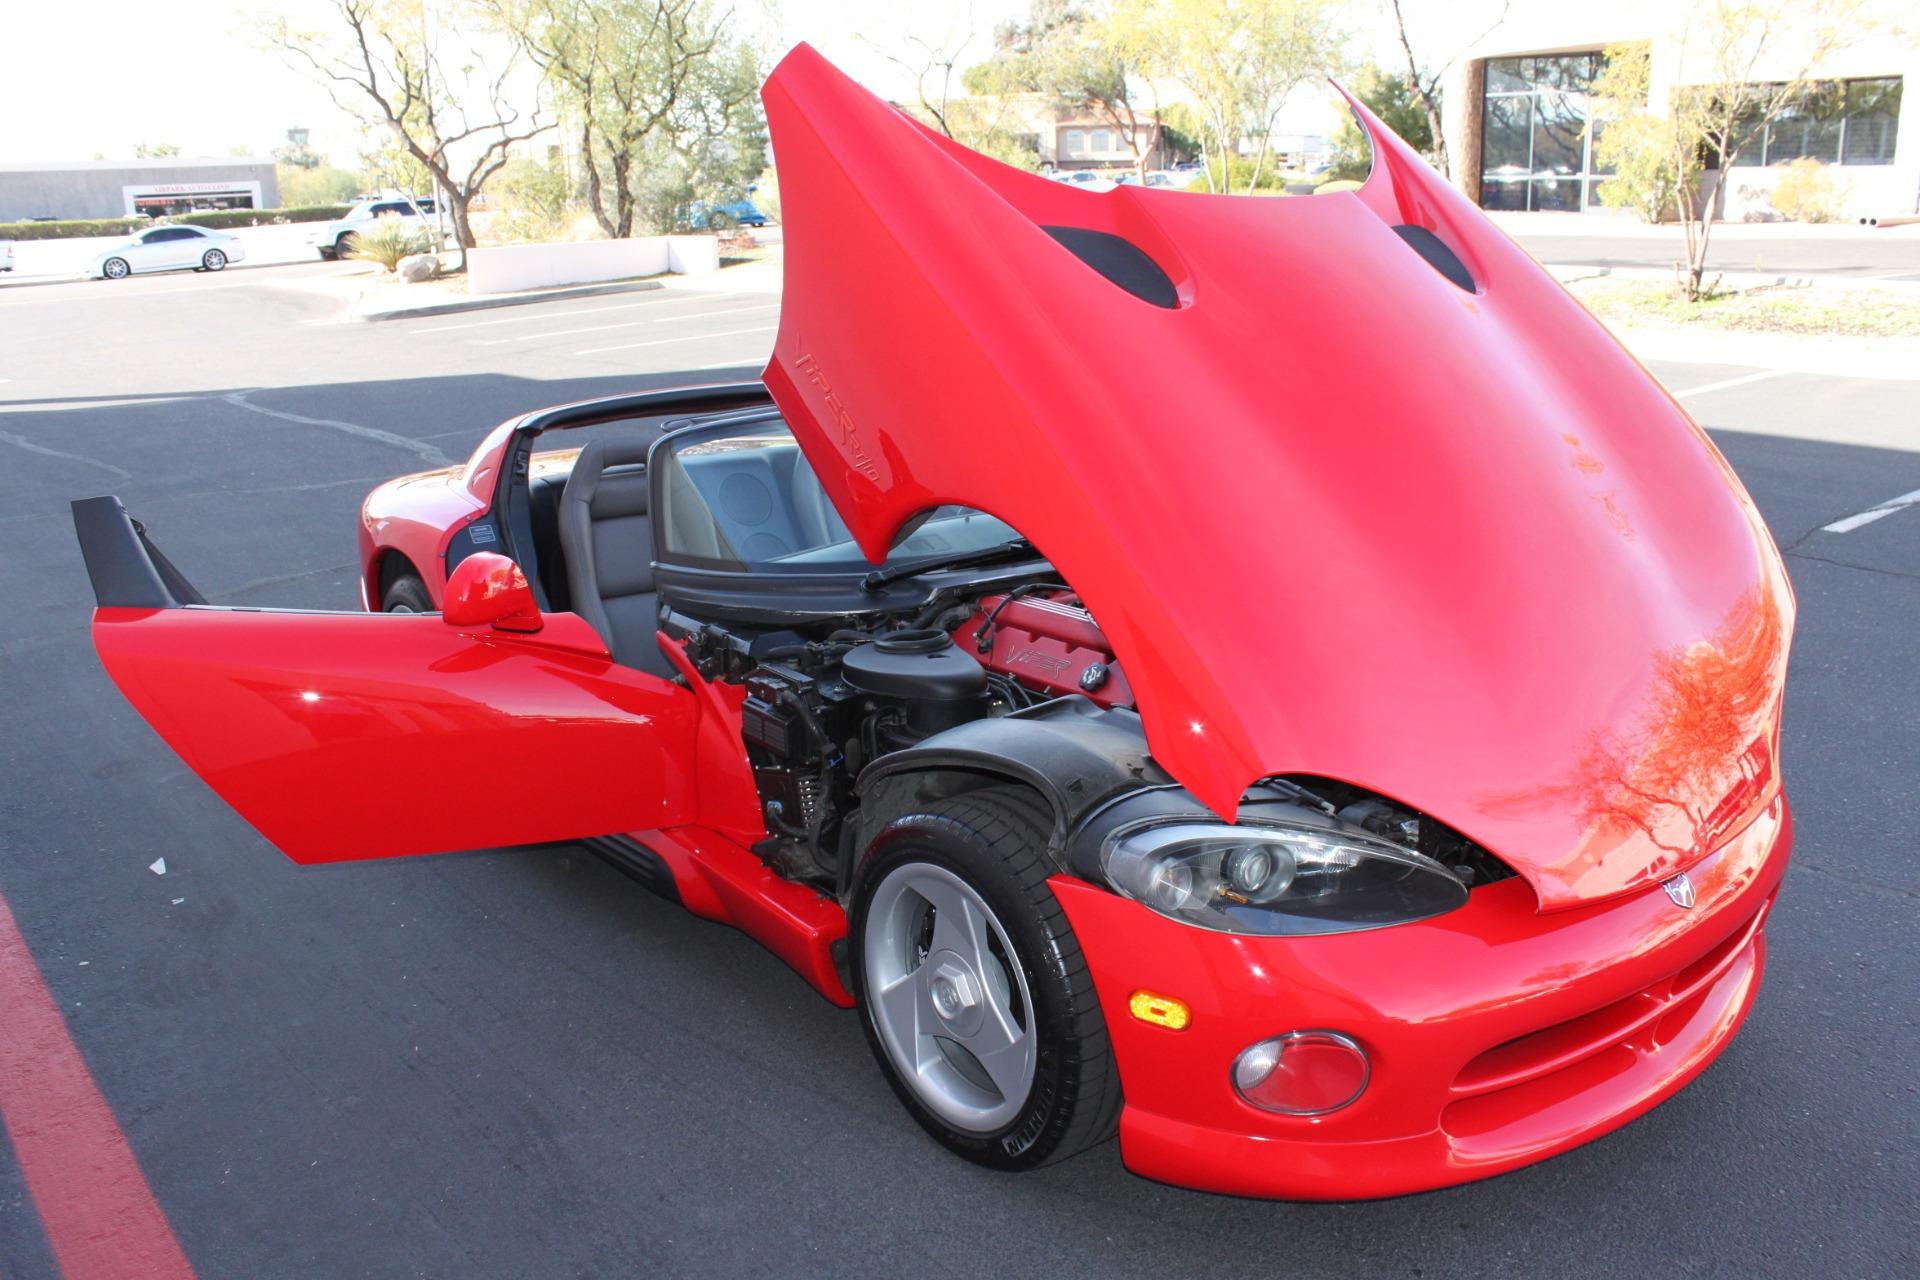 Used-1993-Dodge-Viper-Sports-Car-XJ